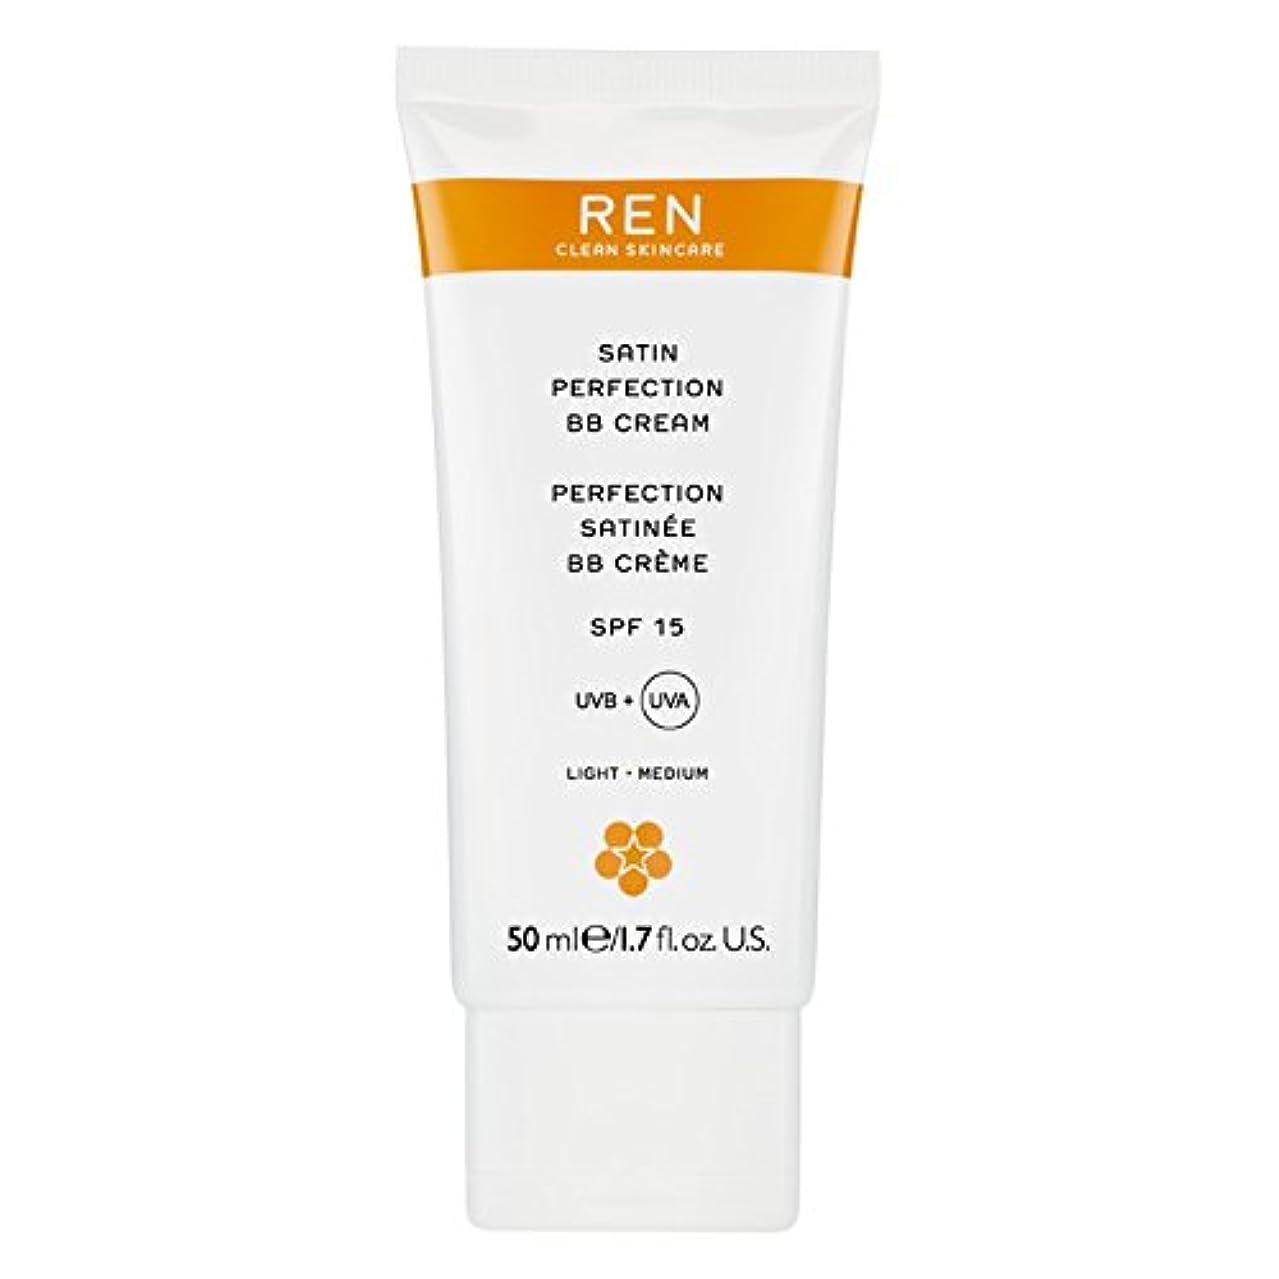 加入カナダ爆風Renサテン完璧Bbクリーム50ミリリットル (REN) (x2) - REN Satin Perfection BB Cream 50ml (Pack of 2) [並行輸入品]